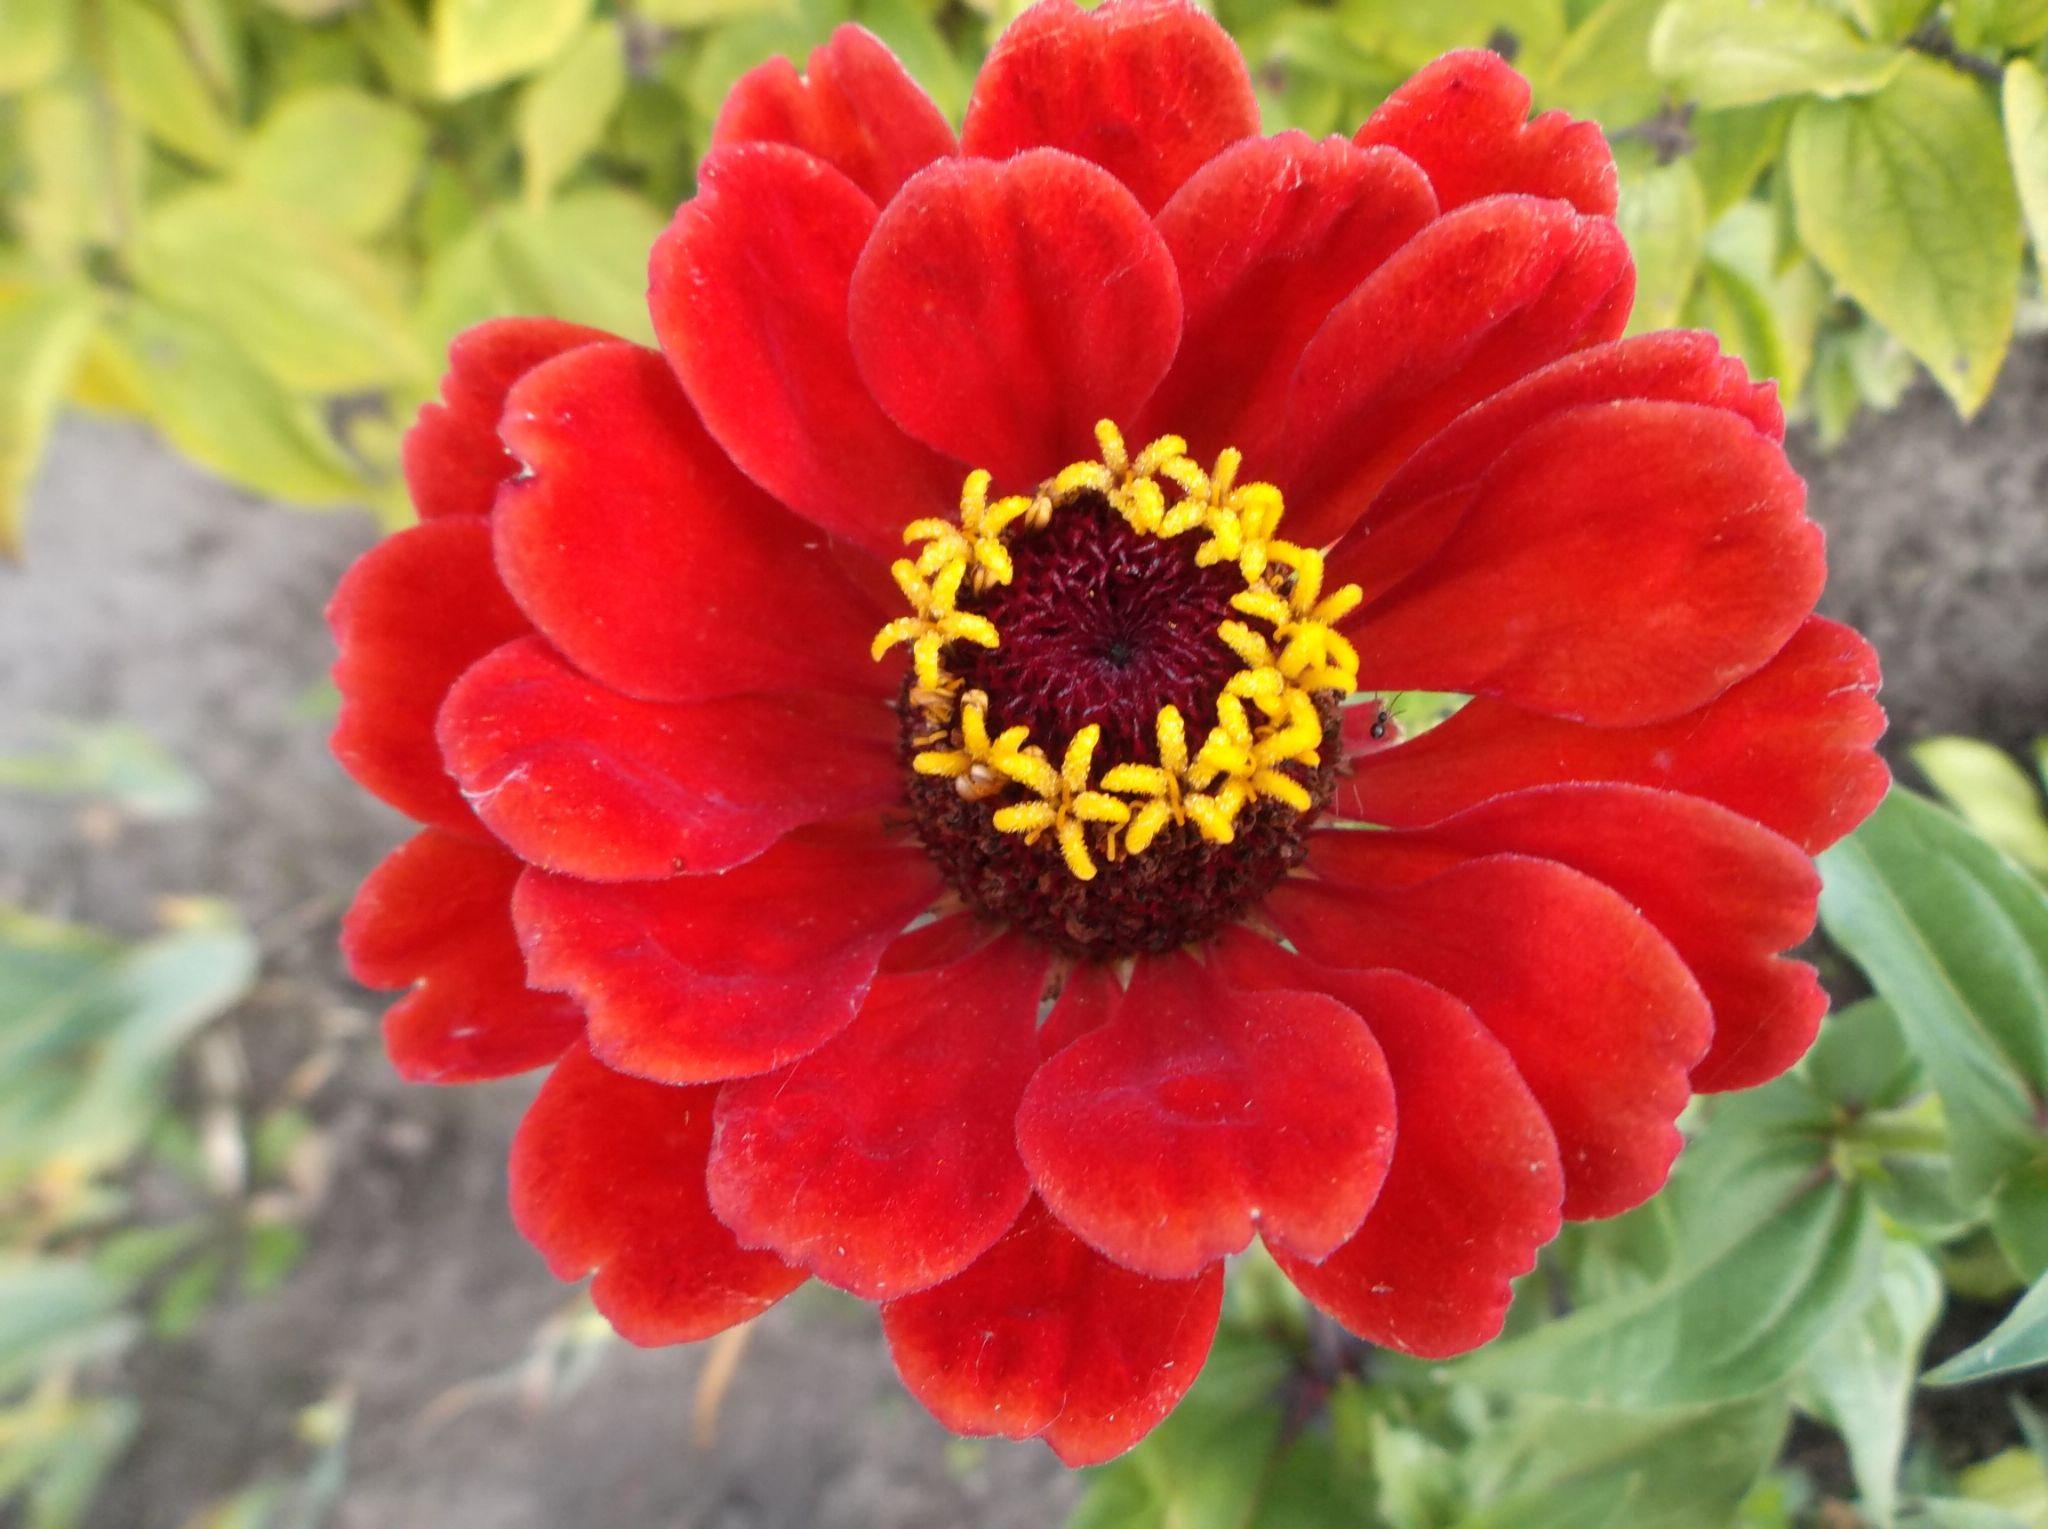 Zinias flower. by Zita Užkuraitienė